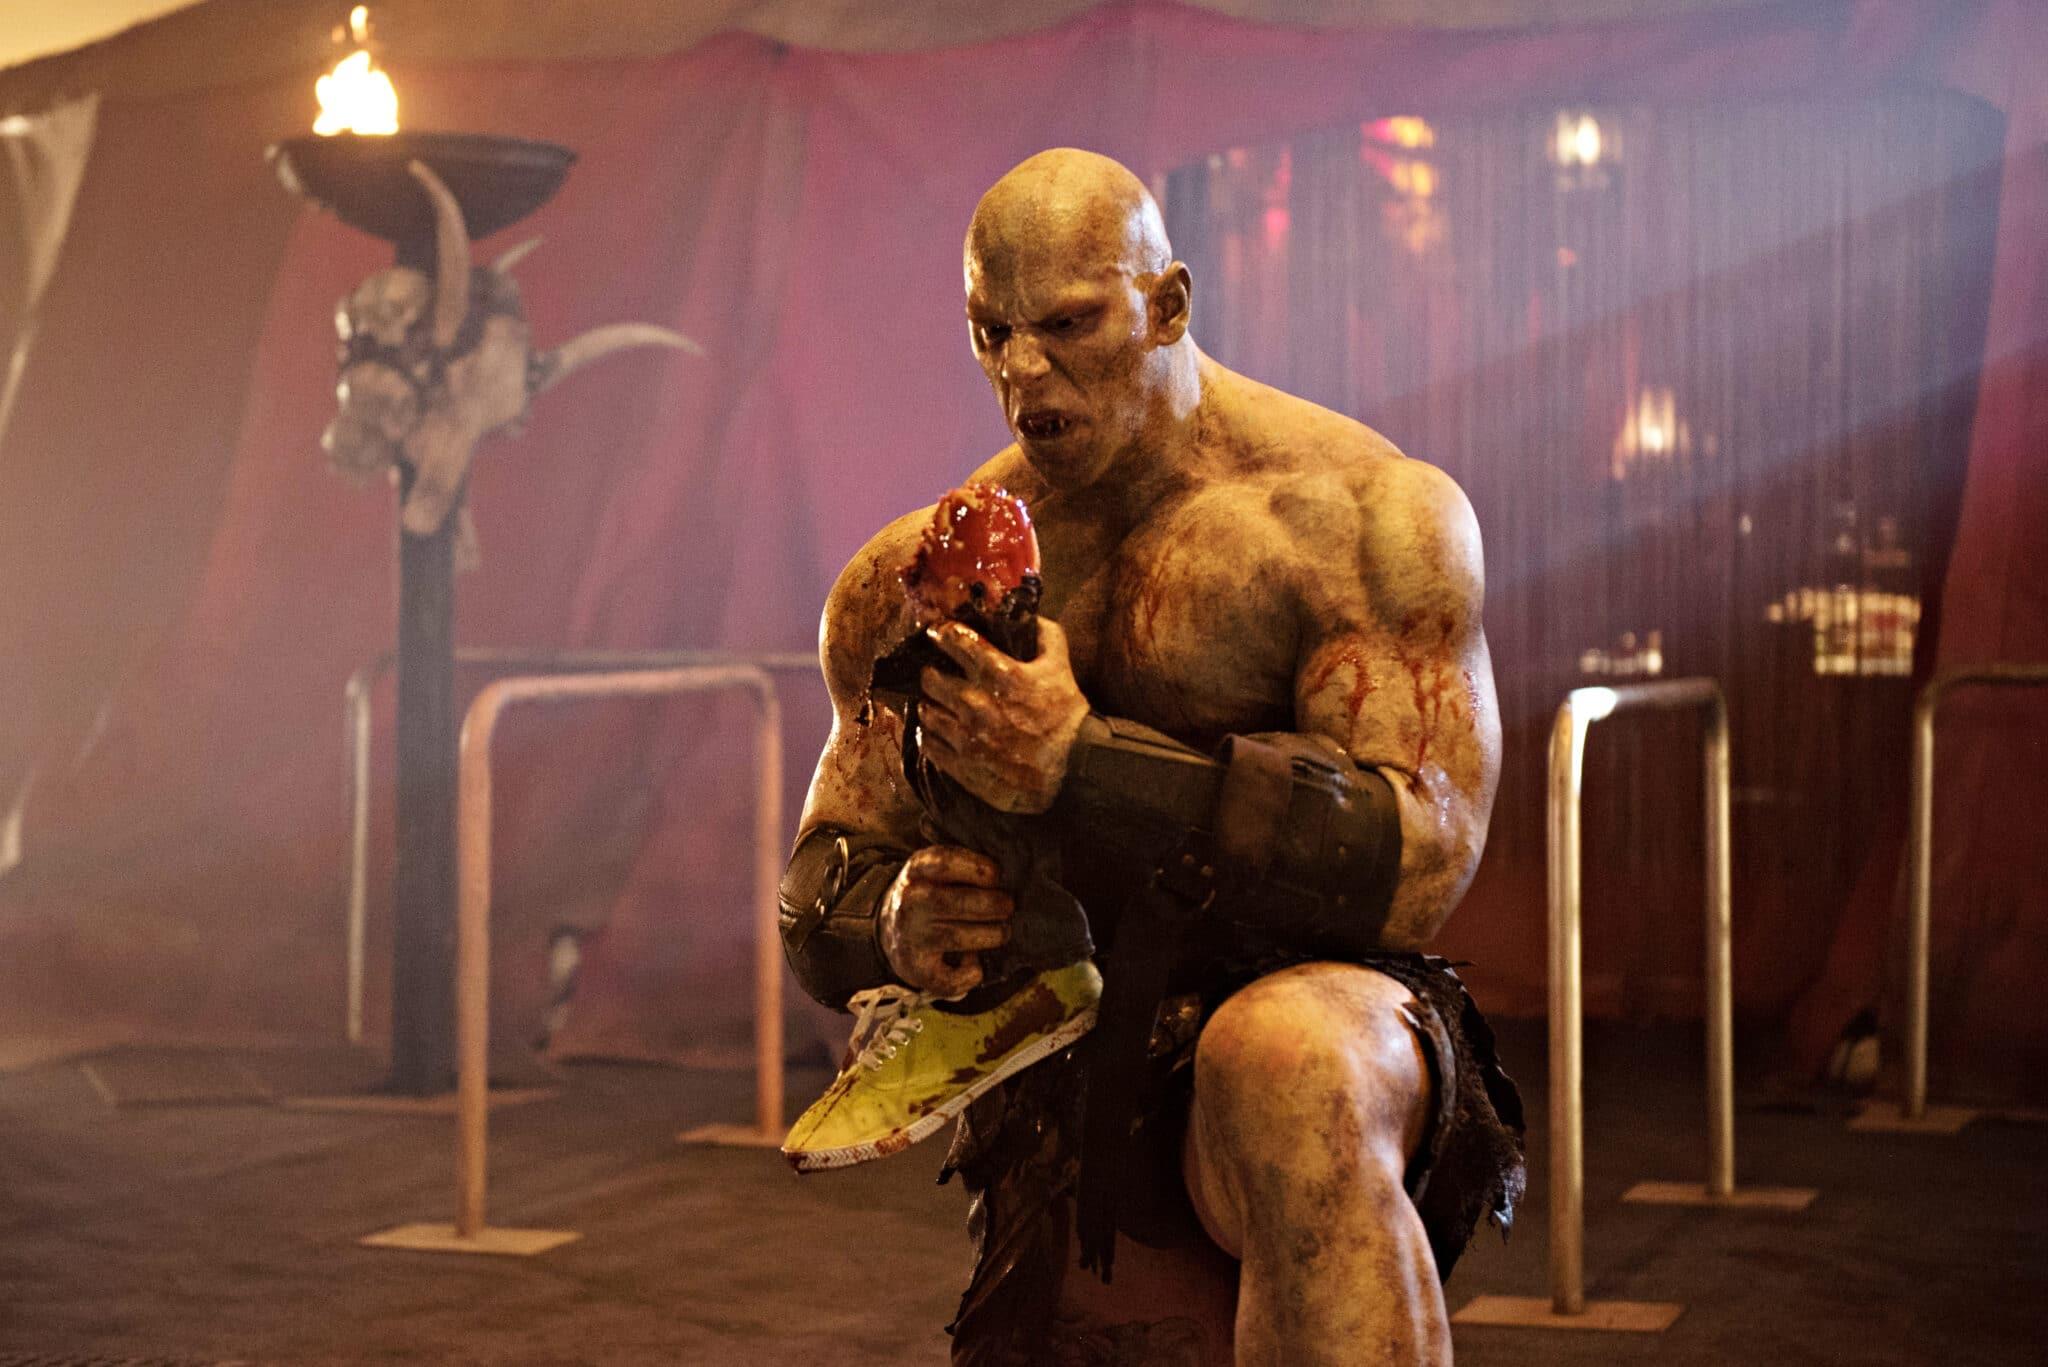 """Der muskelbepackte, kahlköpfige Dämon Denali (Martyn Ford) steht in """"Blood Drive"""" vor einem Zelt und hält ein abgetrenntes Bein in den Händen."""